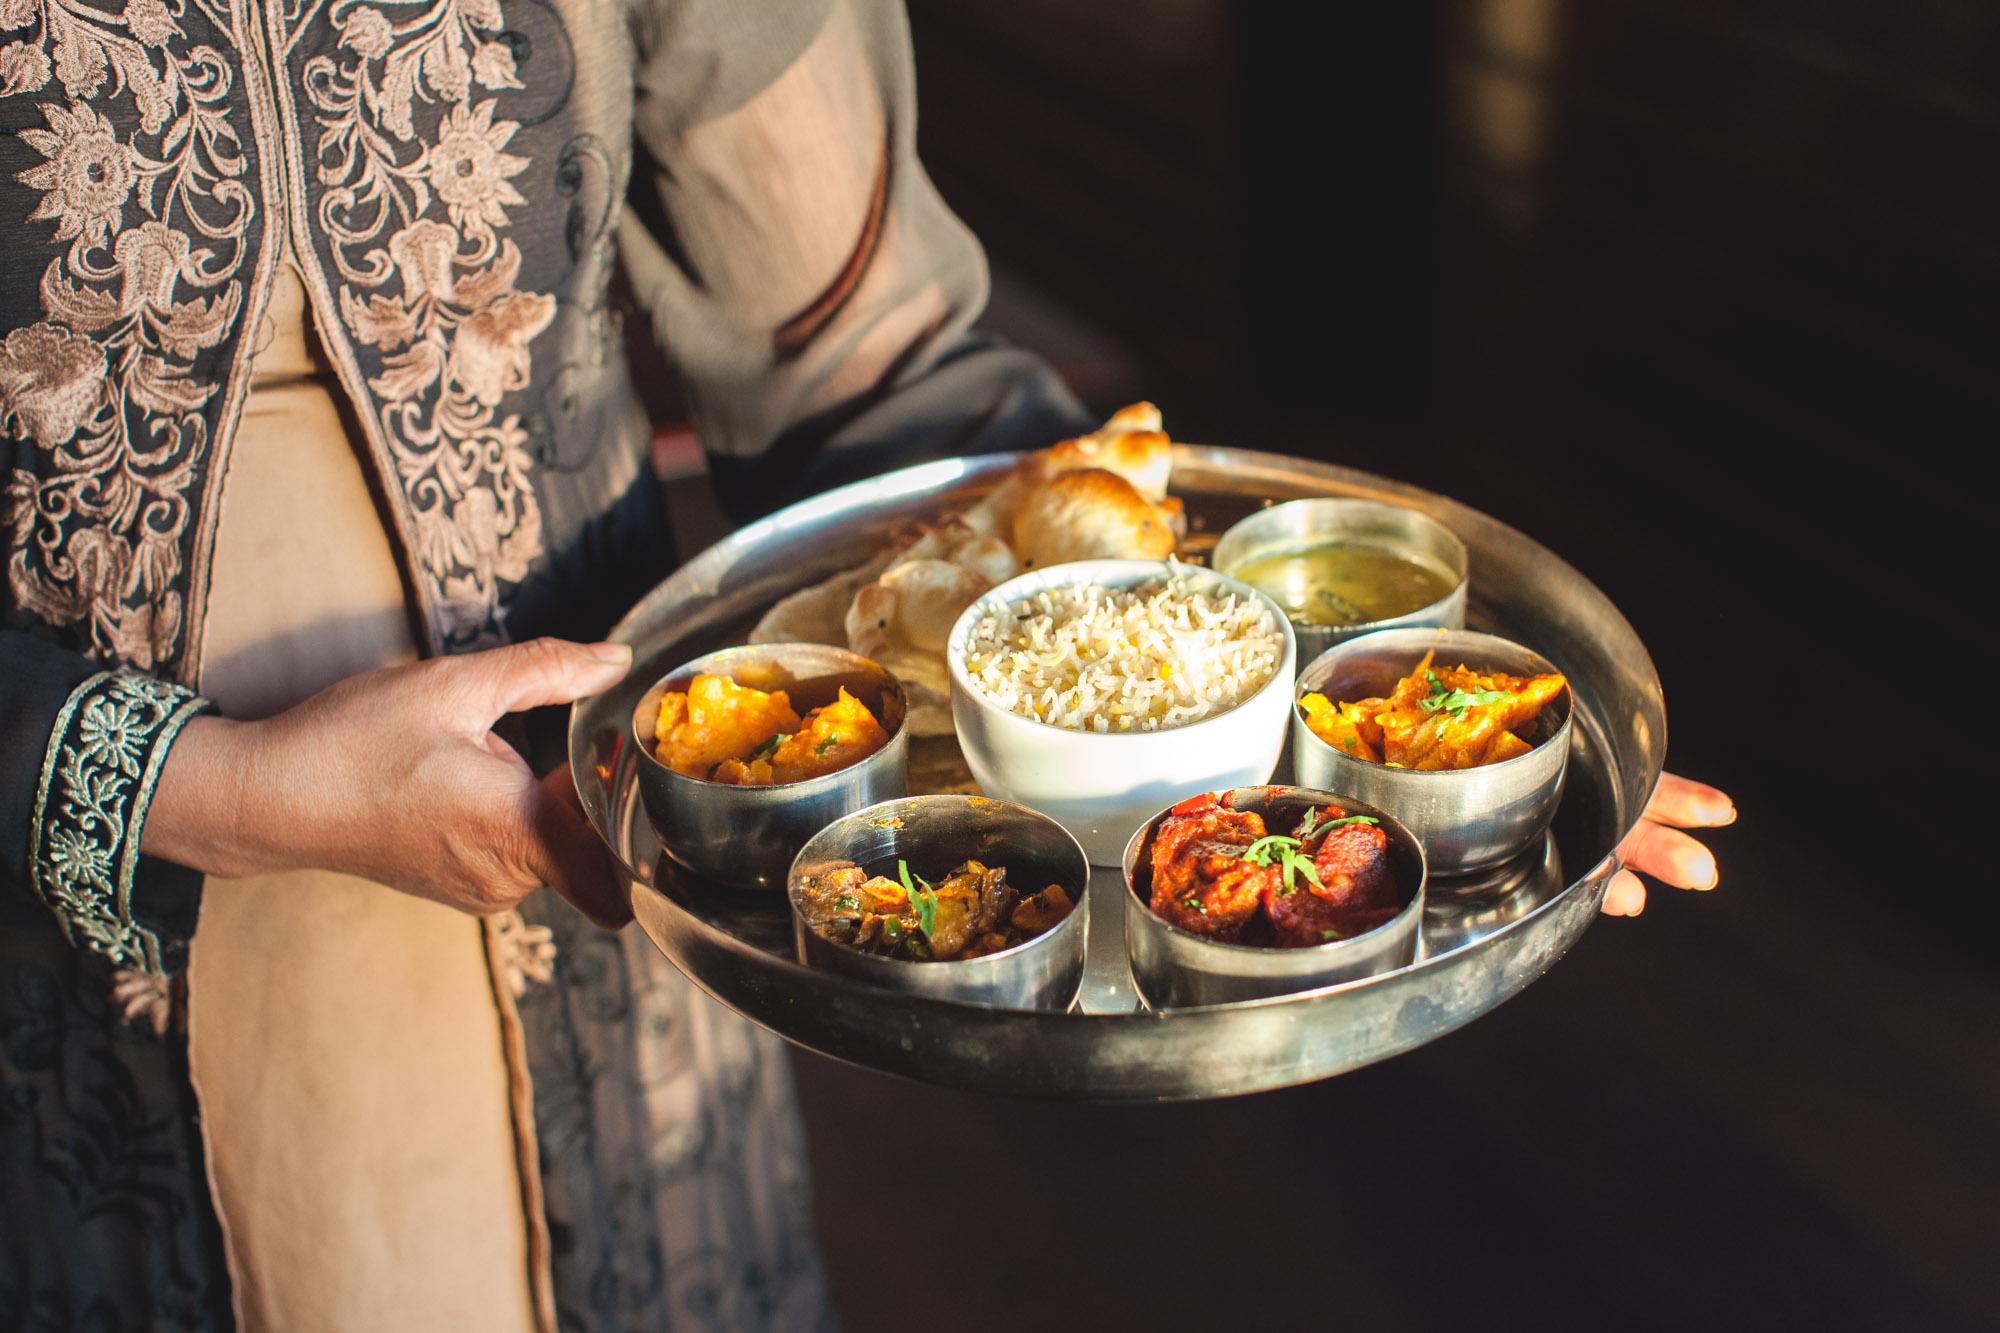 Indian food, Dorset - Food photographer